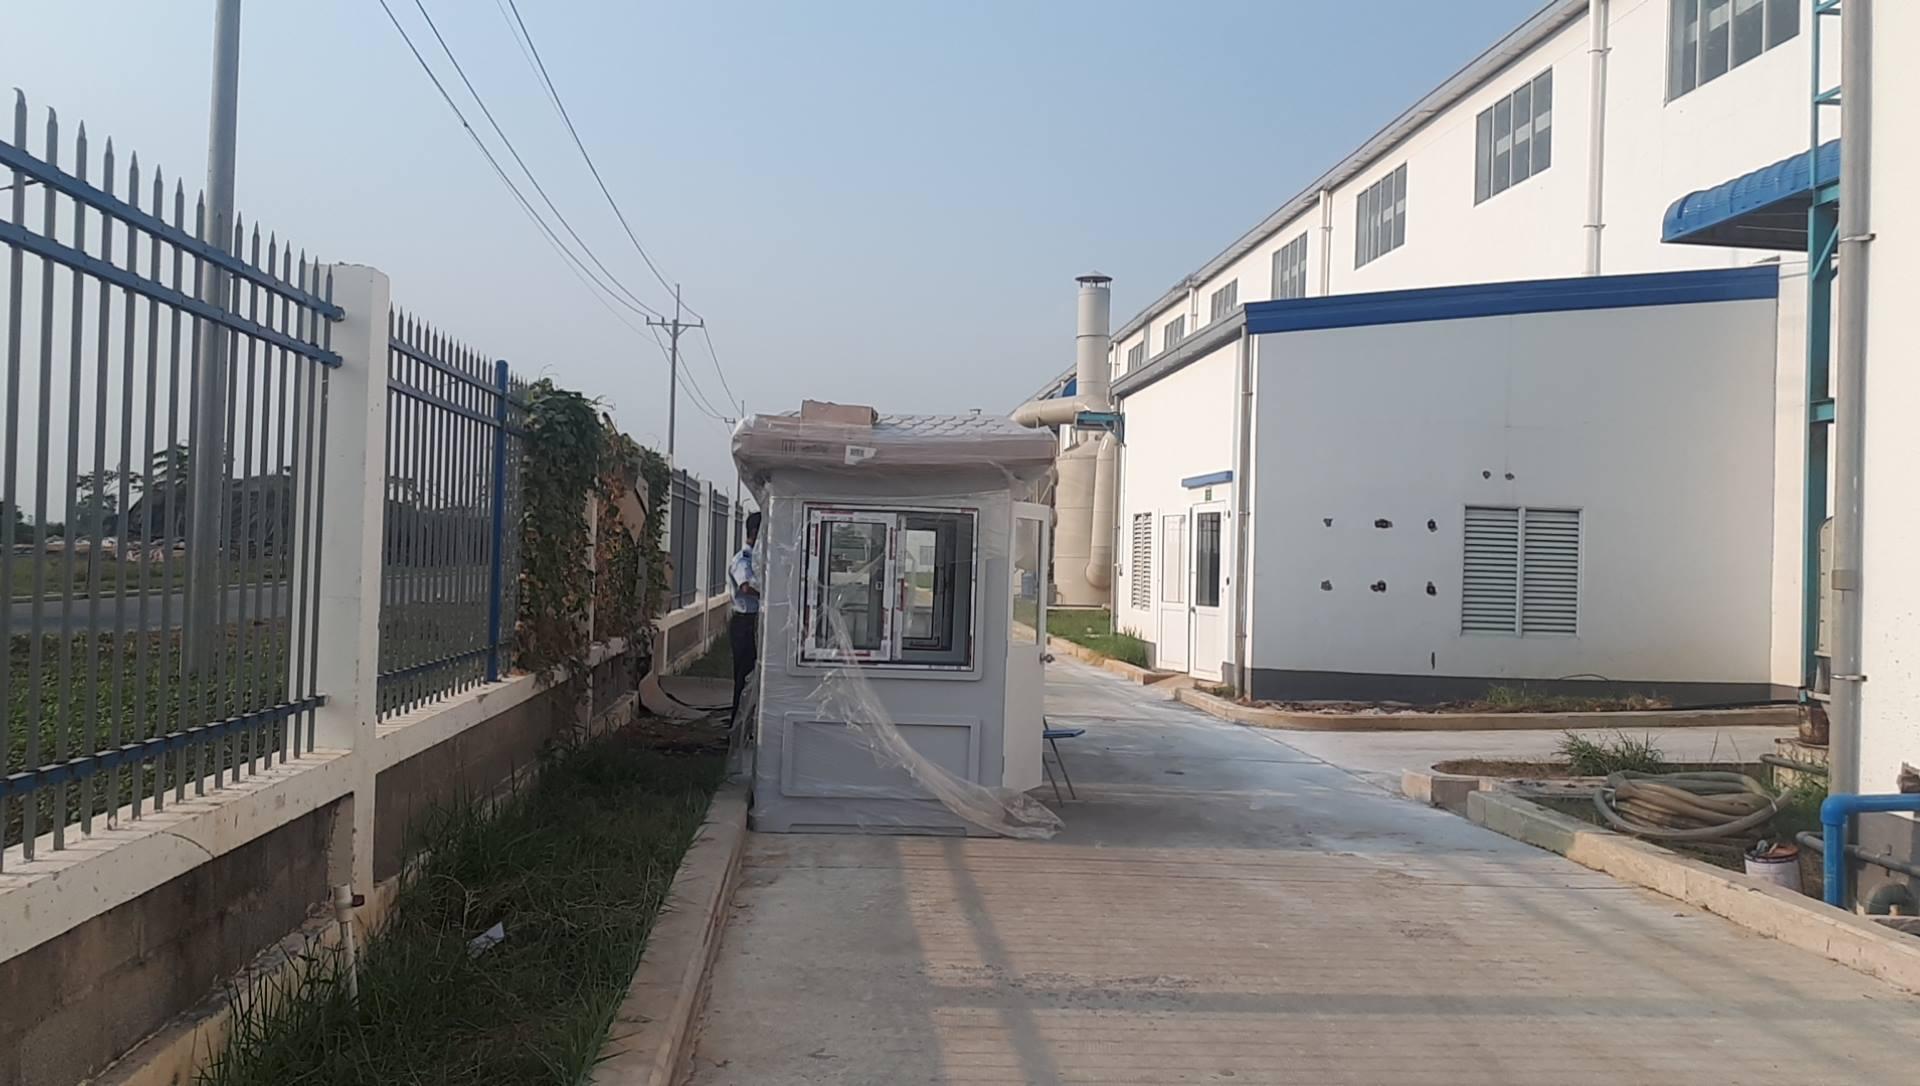 Giao nhà bảo vệ cho KCN tại Tây Ninh